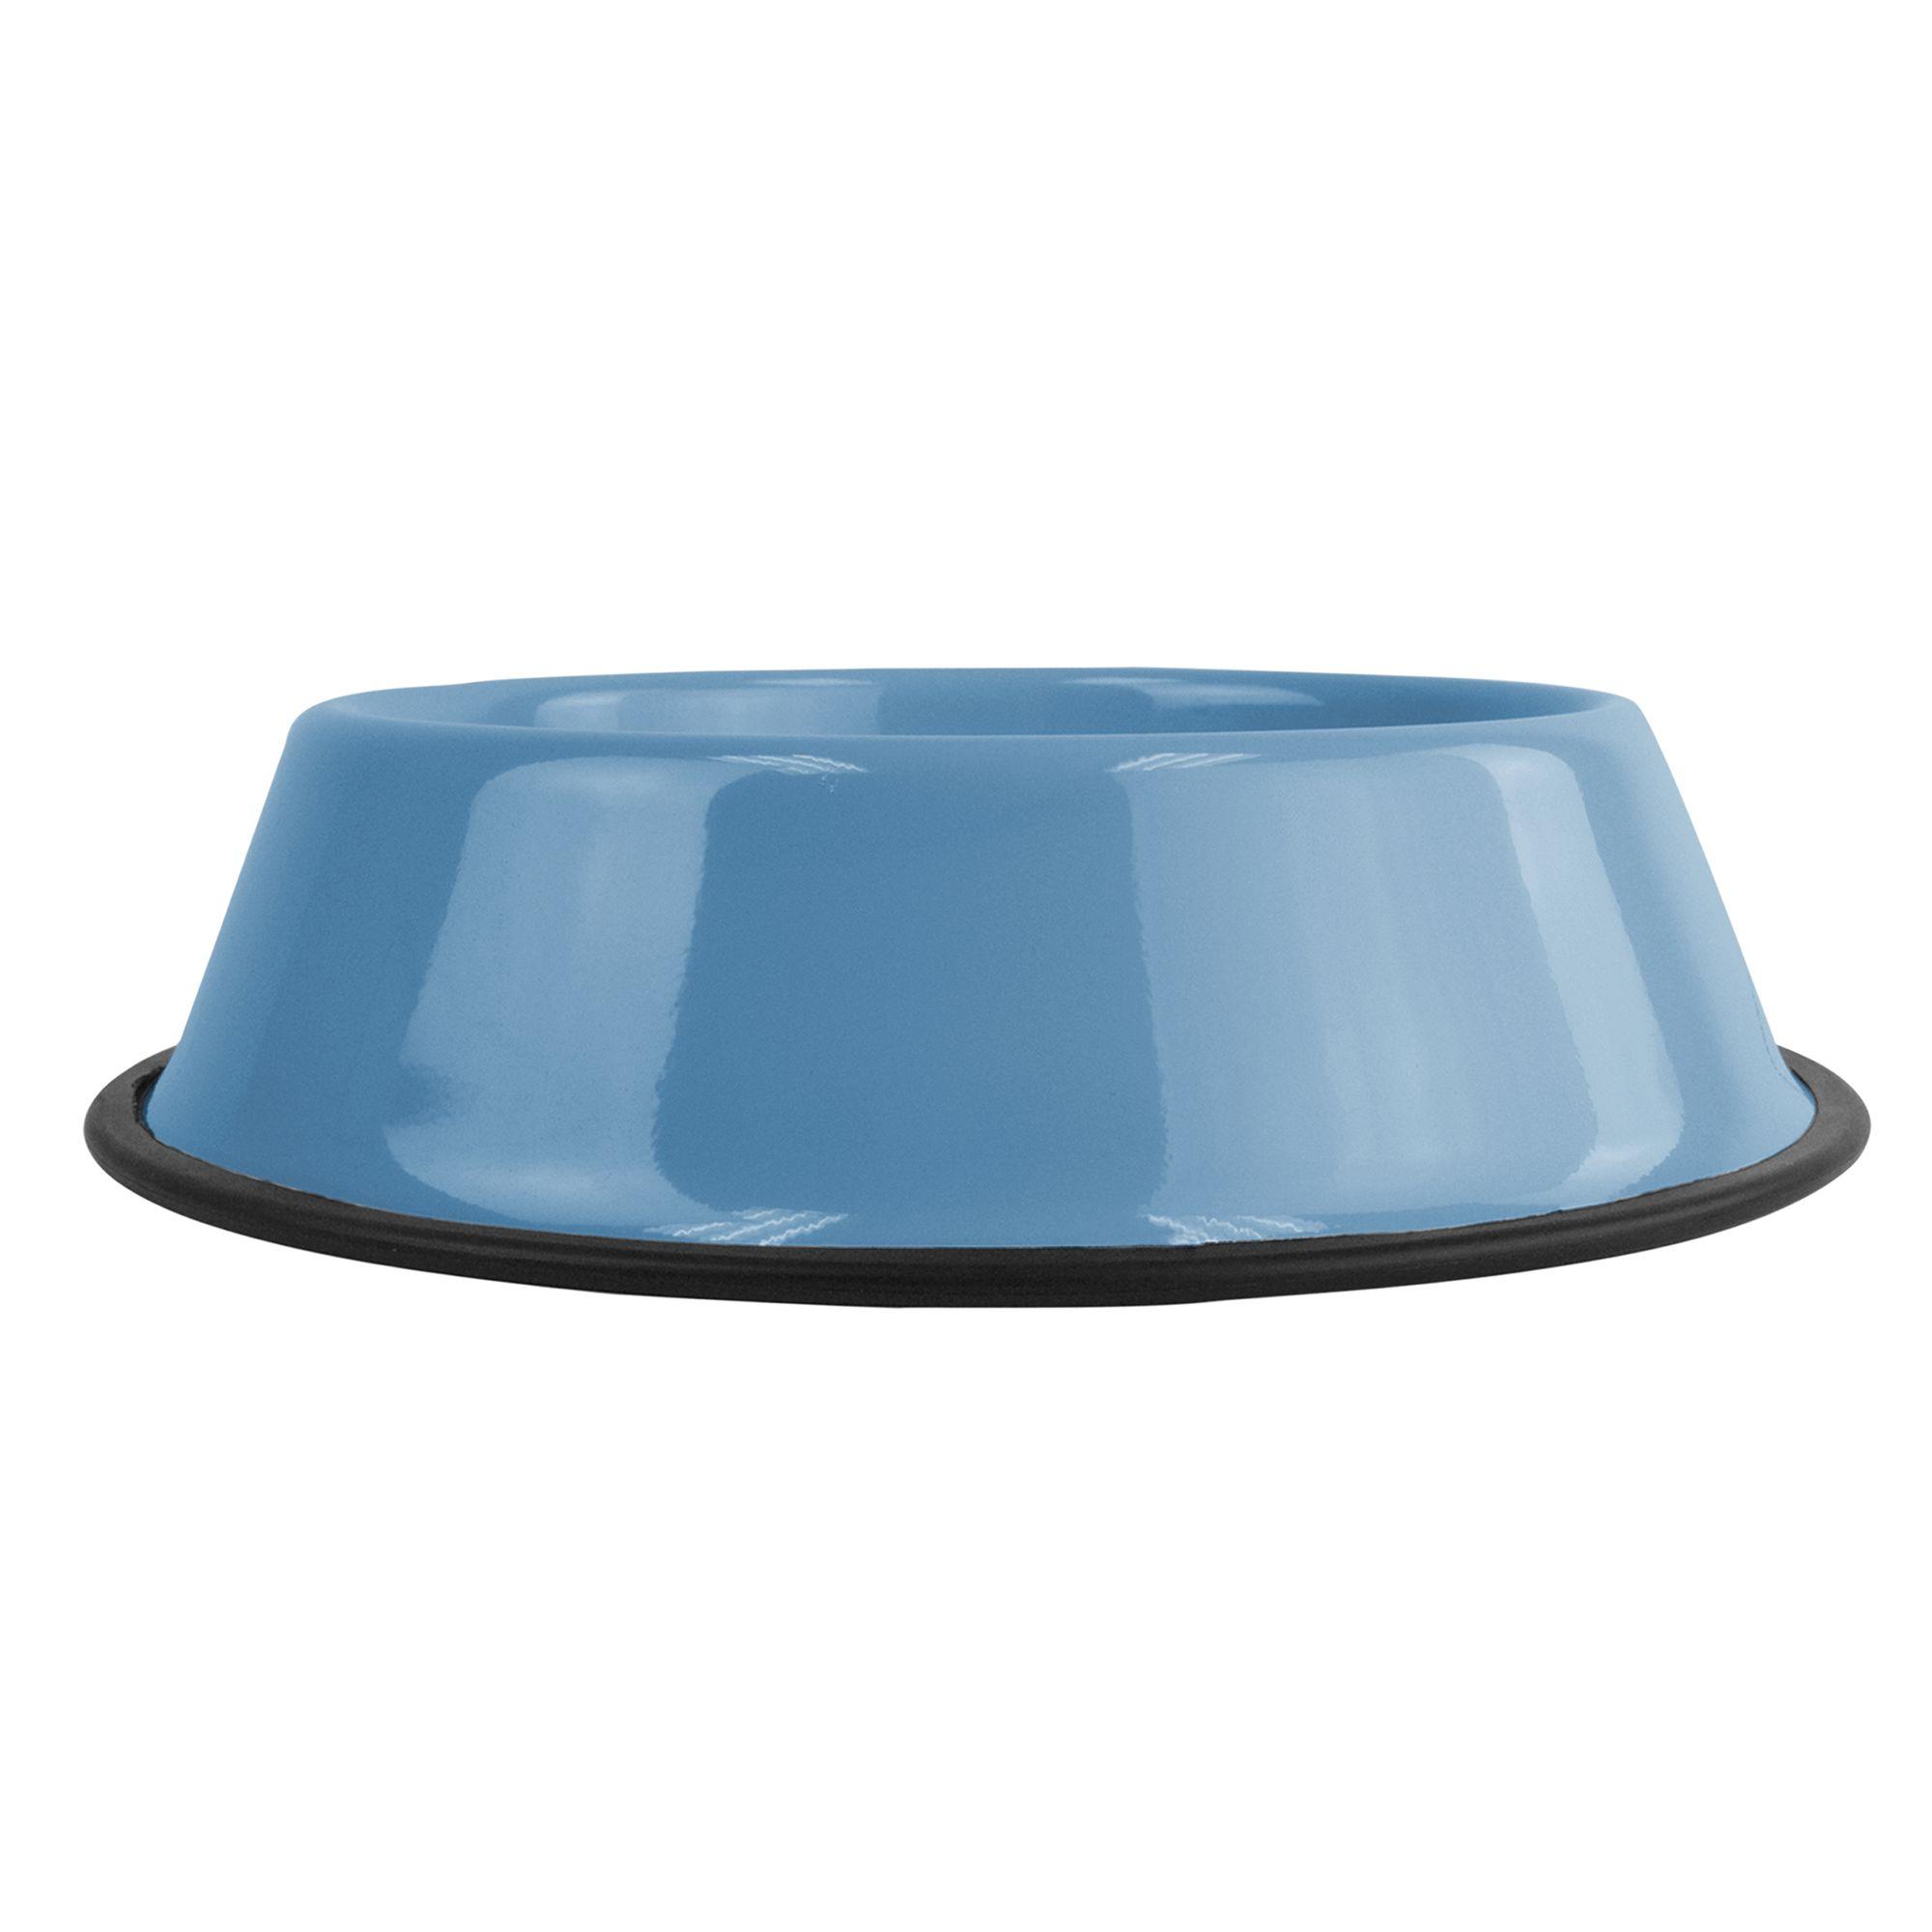 Platinum Pets Non-Tip Dog Bowl size: 28 Oz, Blue